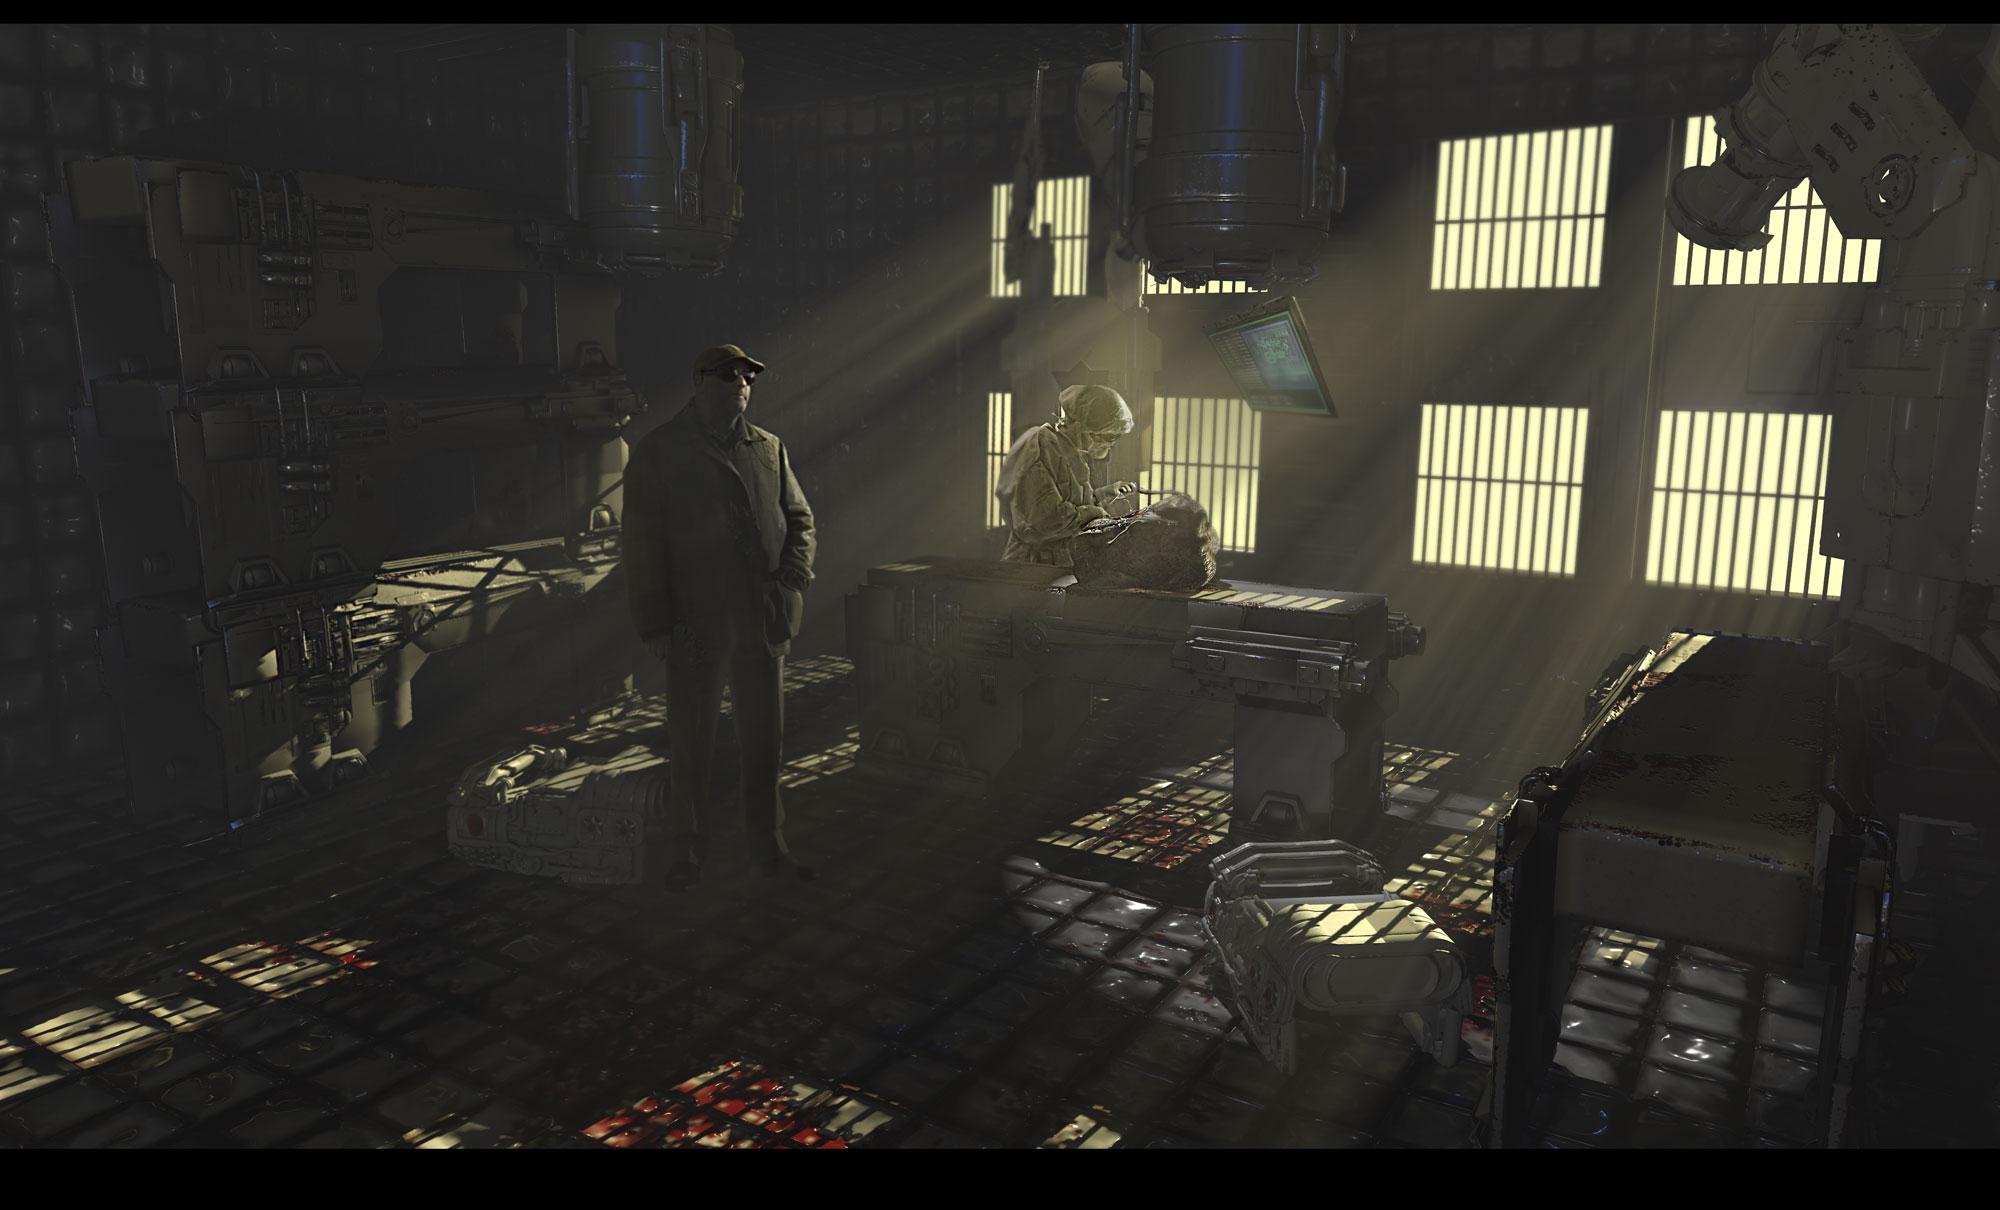 autopsy-room-4.jpg